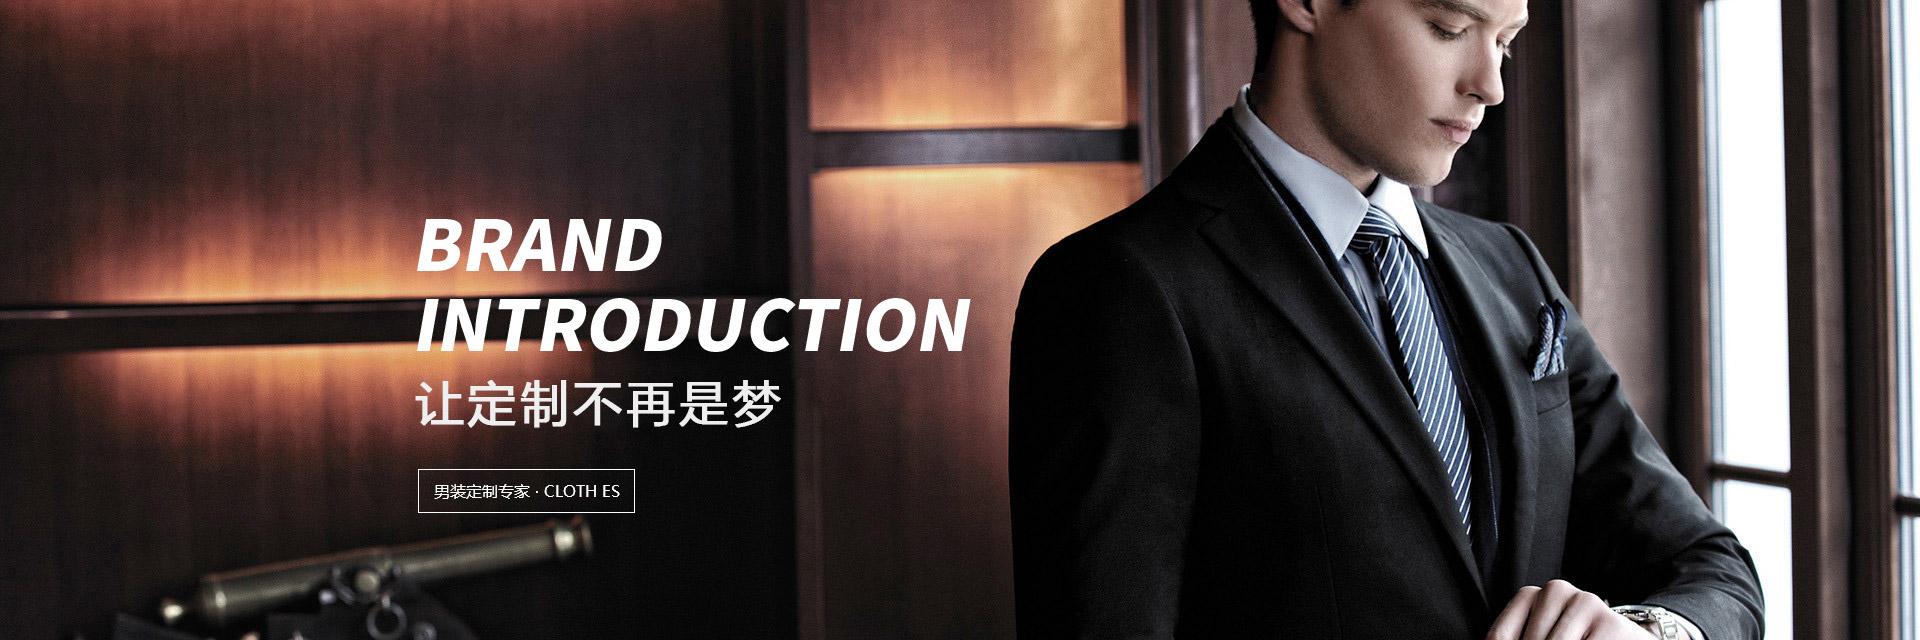 南宁职业装定制专家,南宁私人订制服装,南宁商务西服,南宁时尚男西服订做